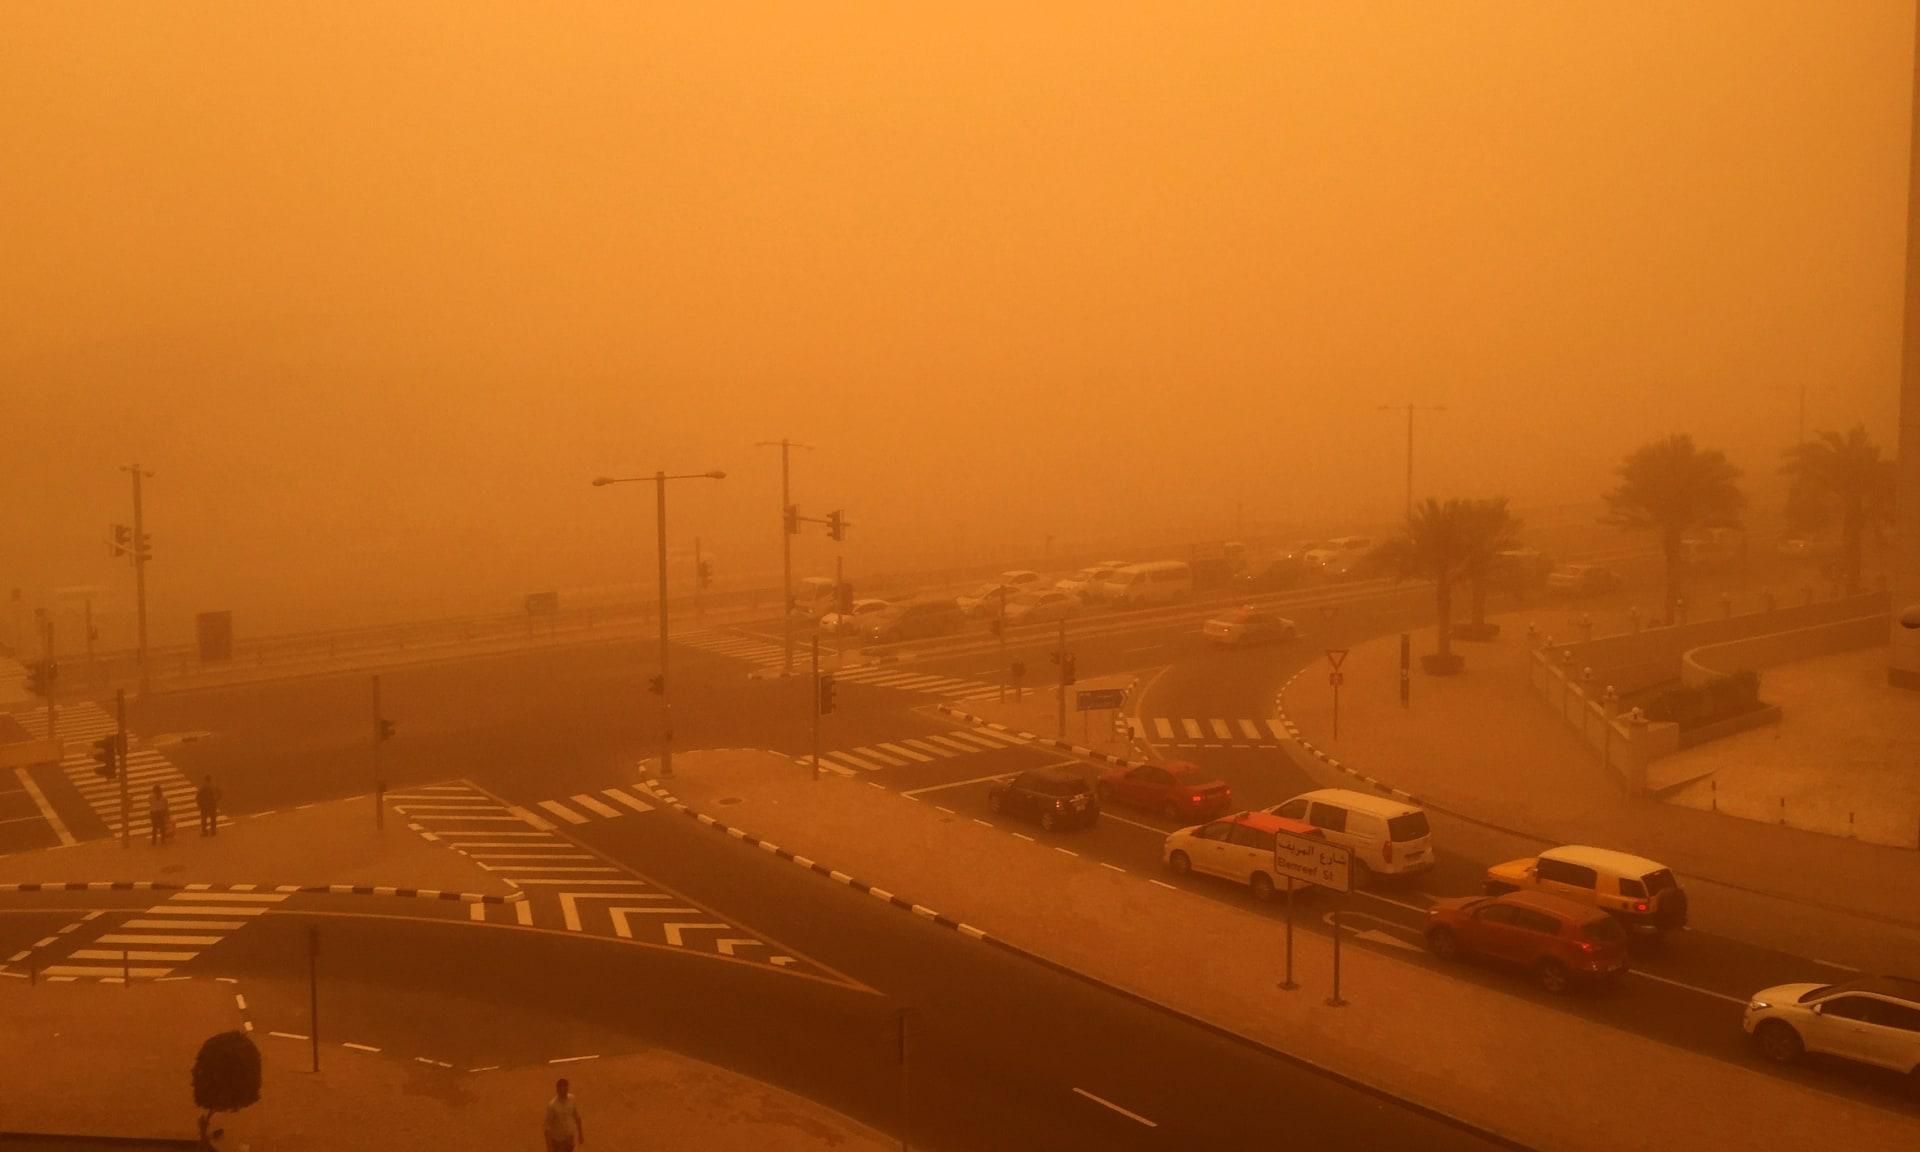 أربكت حركة الطيران وعطلت الدراسة وتهدد الصحة.. عاصفة رملية تغطي سماء الخليج